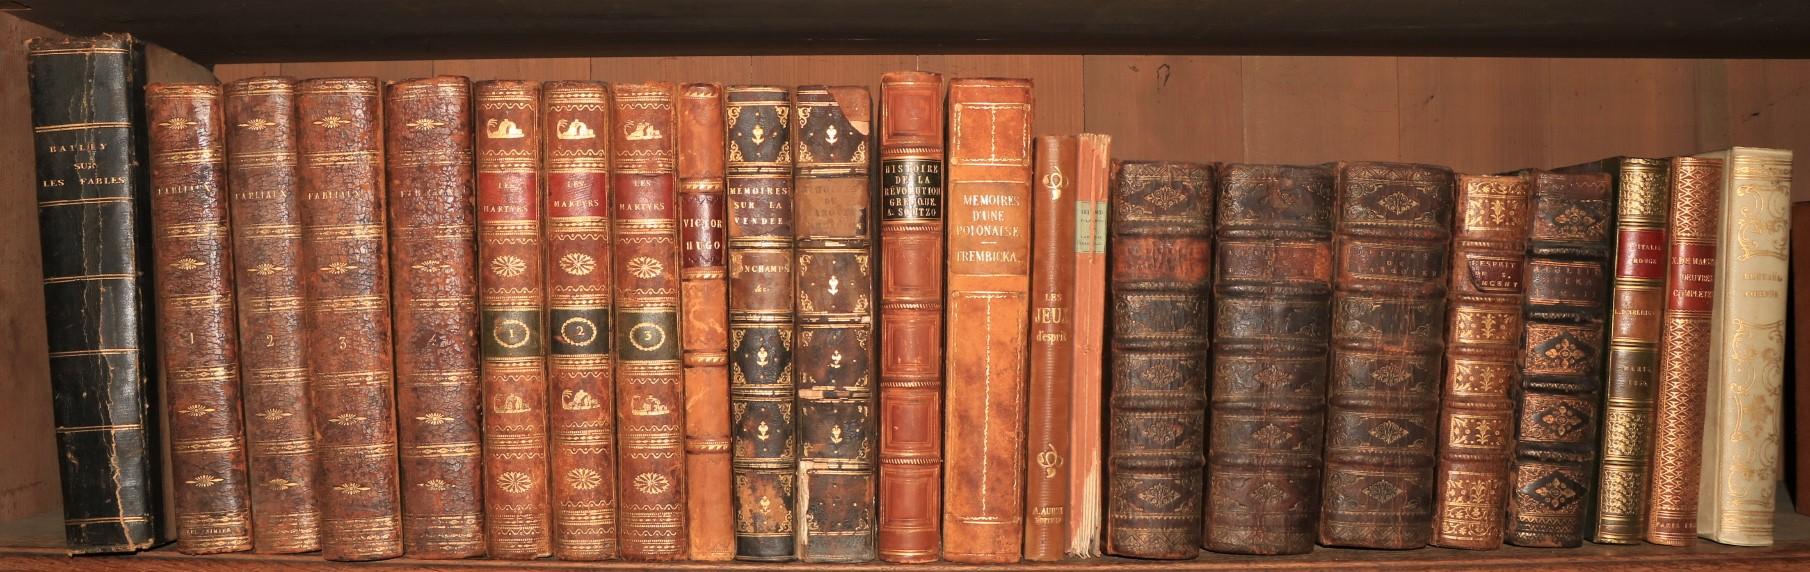 French Literature: Barbazan, Pub. -Fabliaux et Contes des Poetes Francois des XI, XII, XIII, XIV